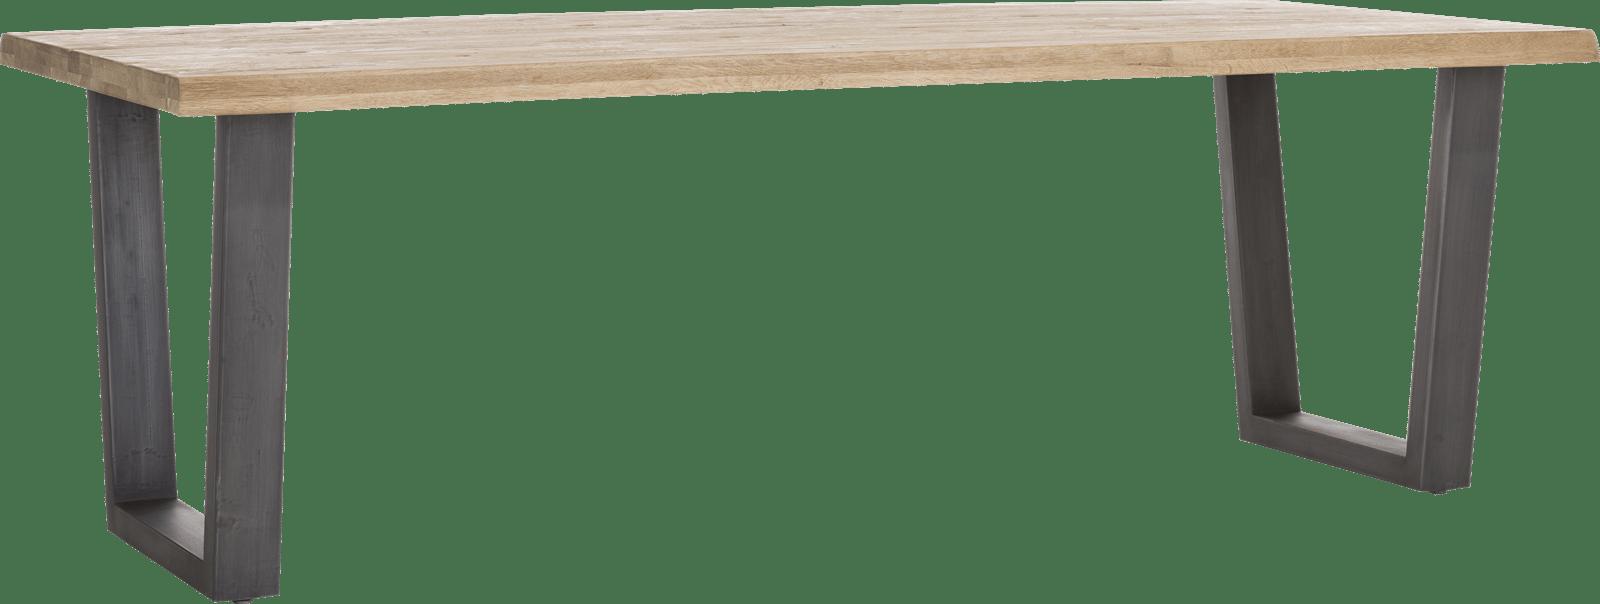 Henders & Hazel - Metalox - Industrie - tisch 230 x 100 cm